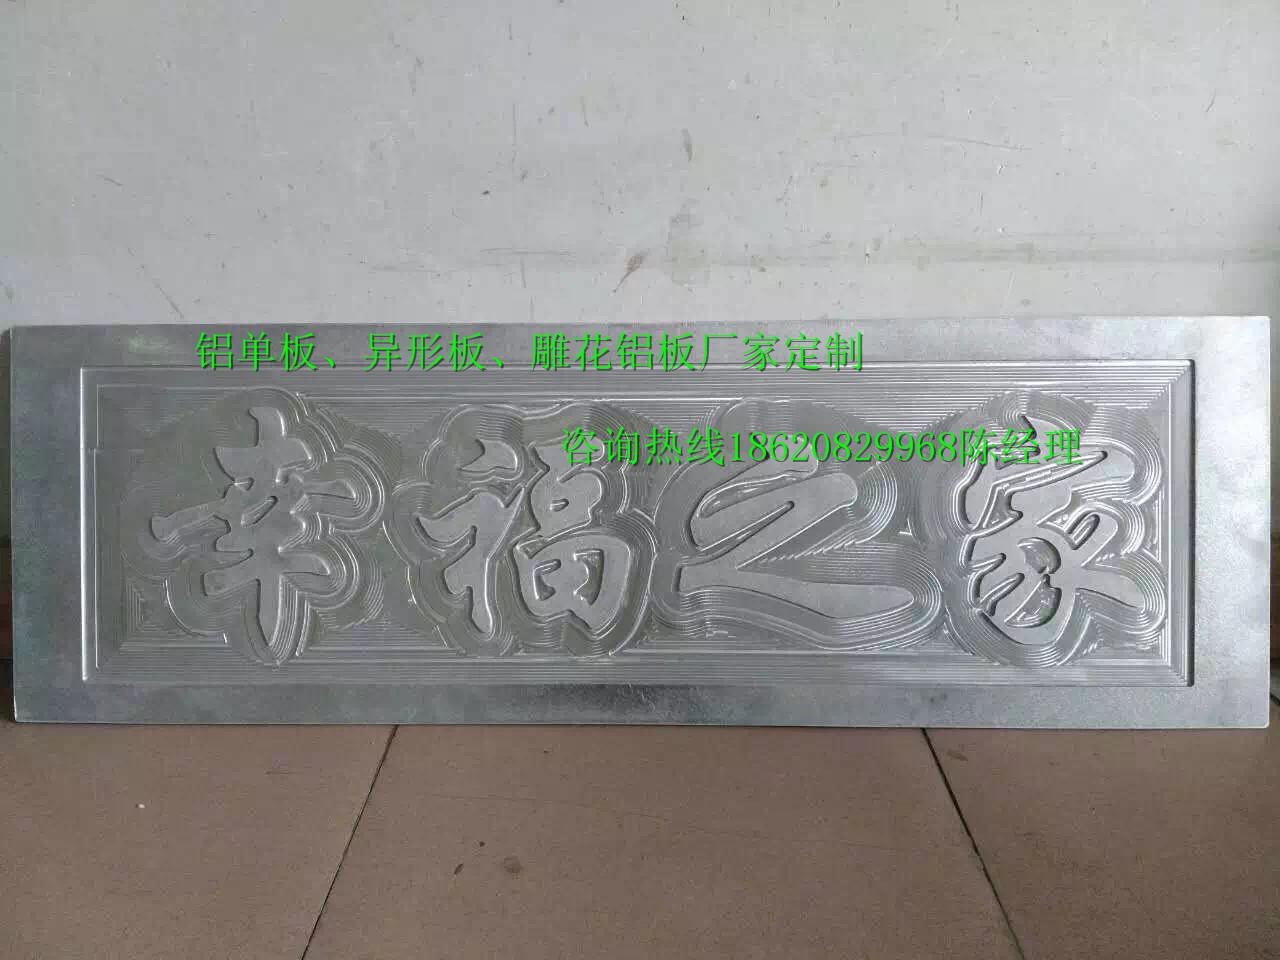 广告牌铝单板厂家 专业铝单板公司 个性化雕刻铝单板生产厂家